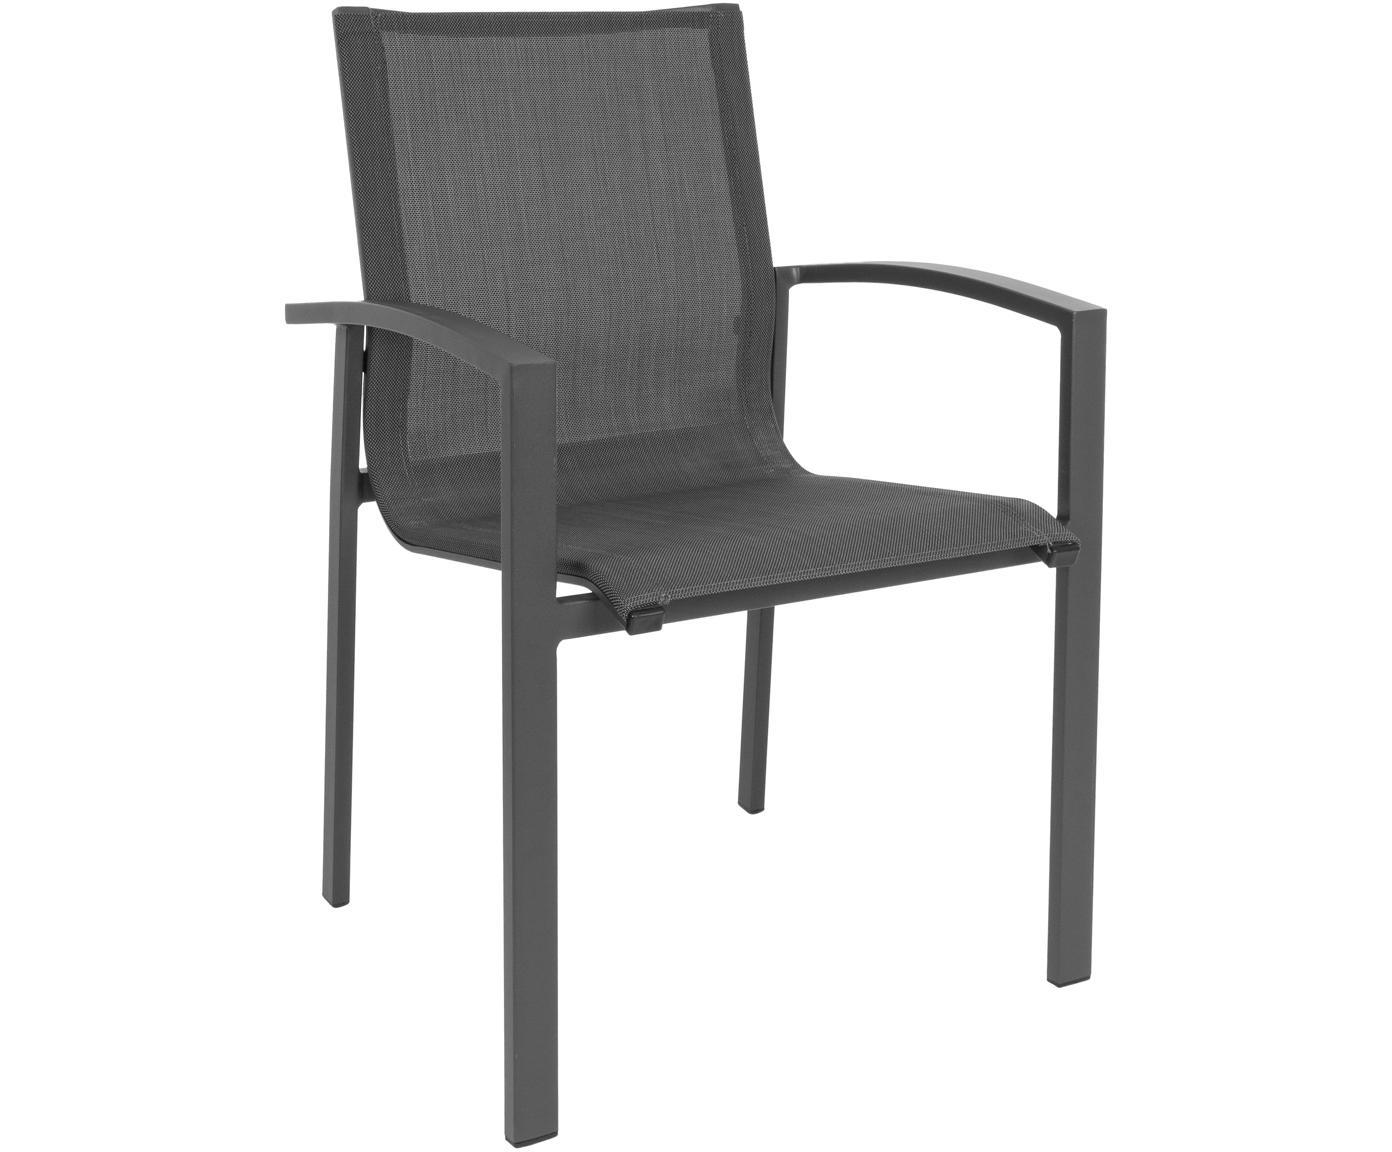 Sedia da giardino Atlantic, Struttura: alluminio verniciato a po, Seduta: textilene, Antracite, grigio scuro, Larg. 60 x Prof. 66 cm